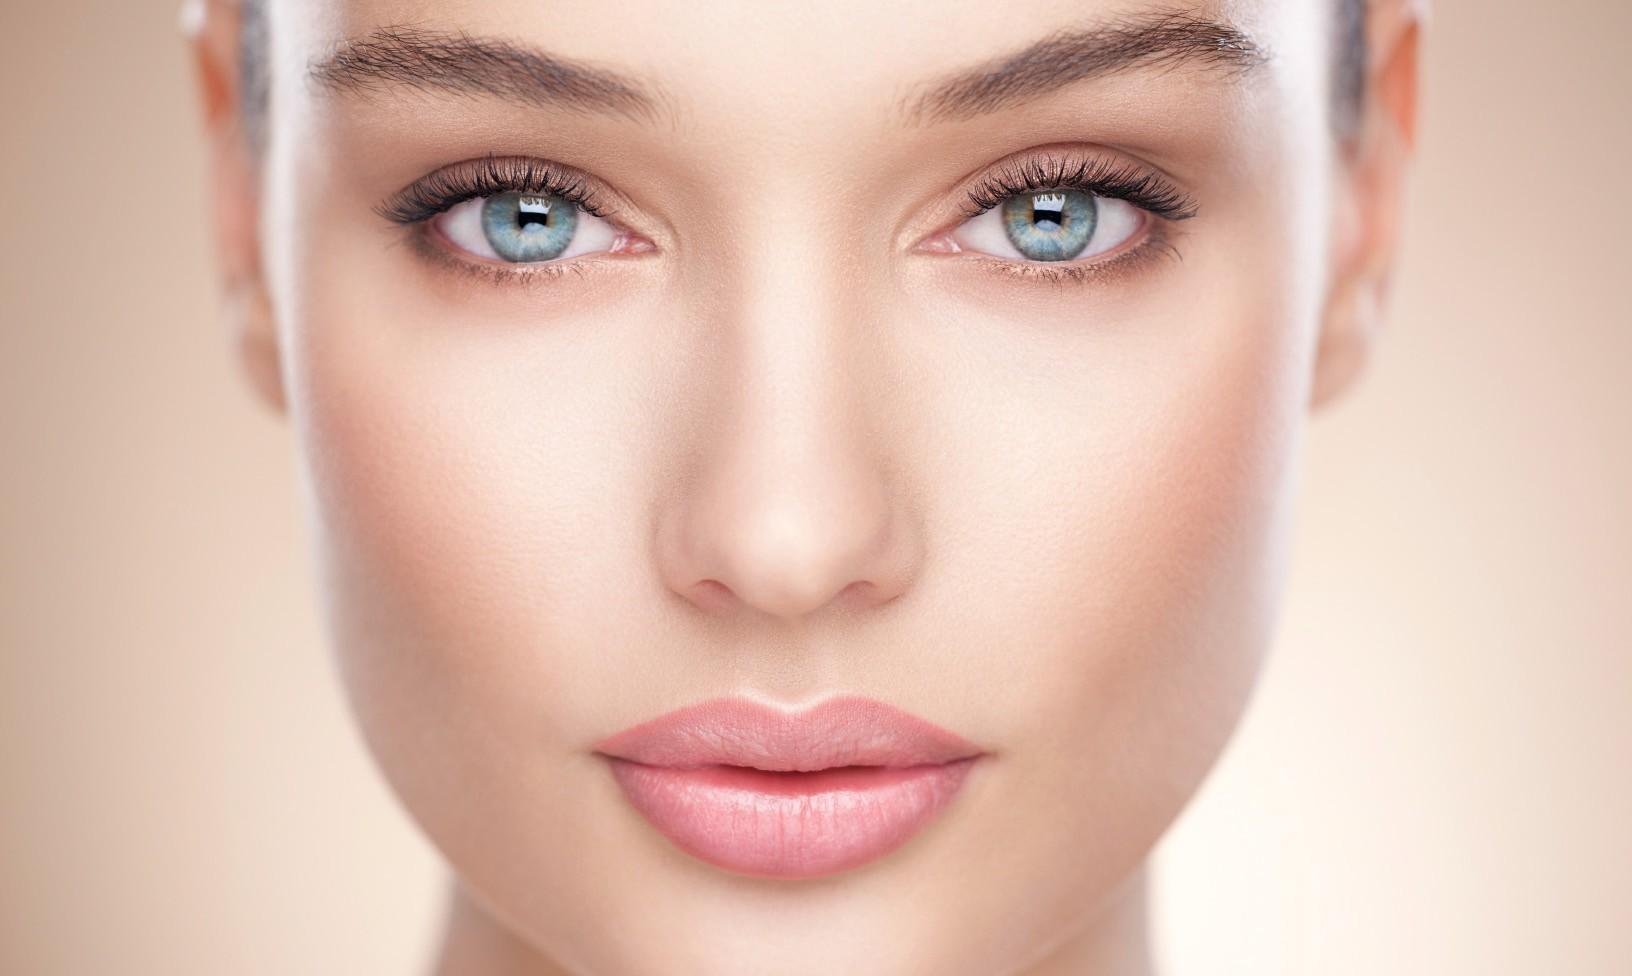 Ретиноевая мазь в косметологии: свойства и применение